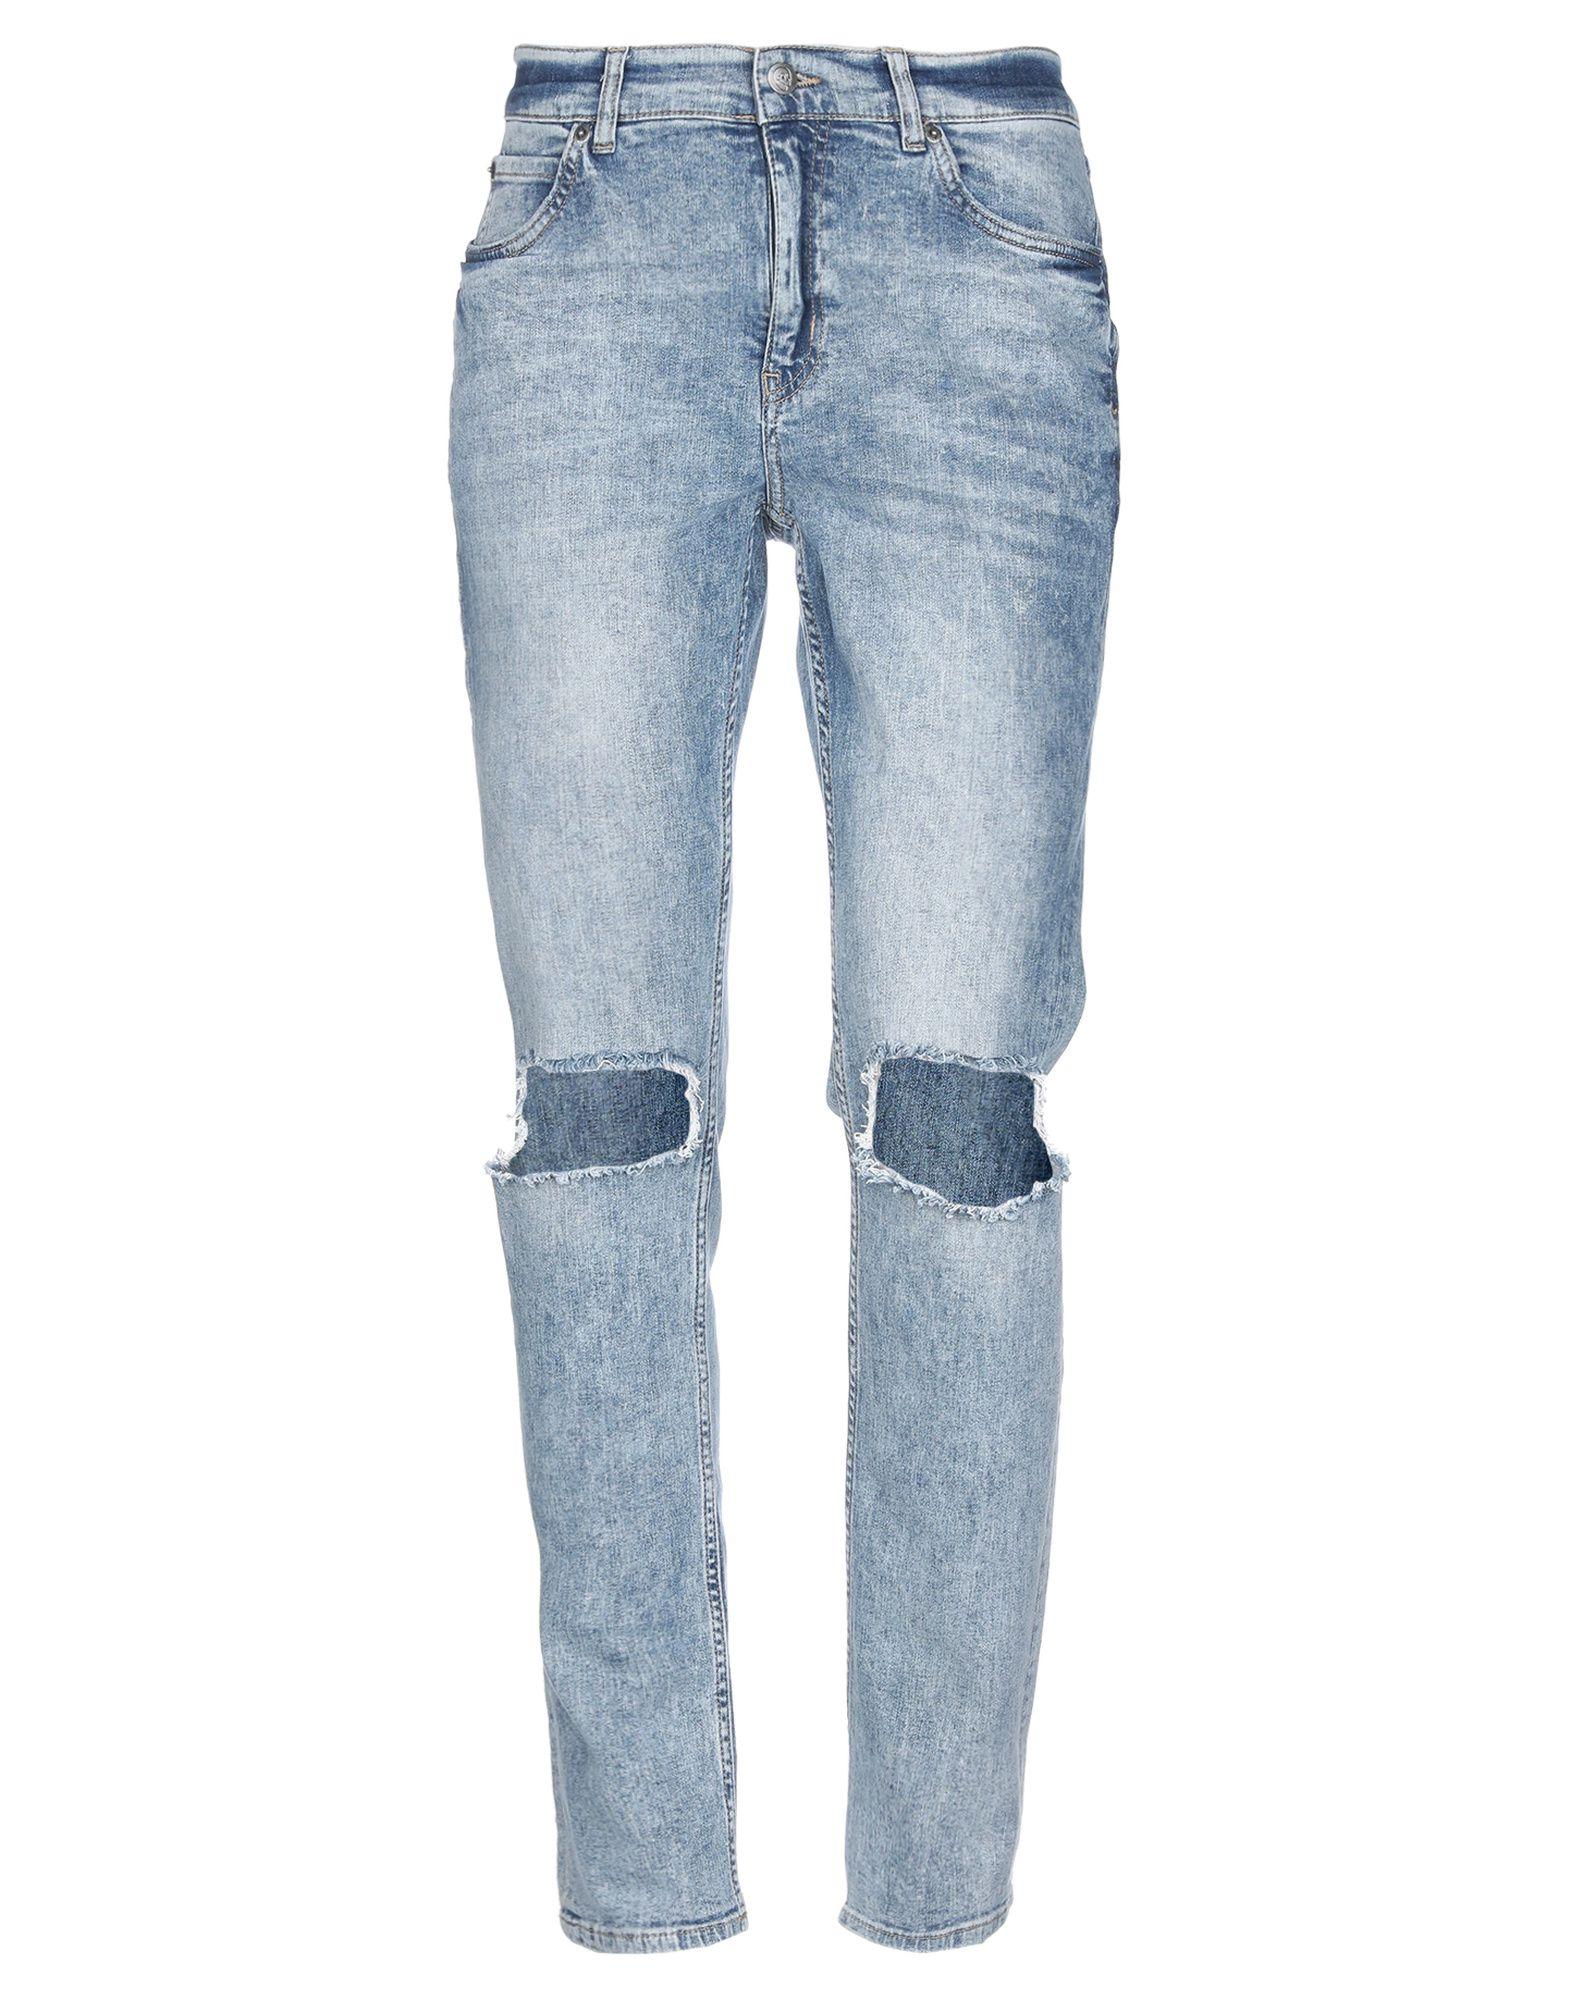 CHEAP MONDAY Джинсовые брюки джинсы женские cheap monday цвет синий 0499353 размер 26 30 42 30